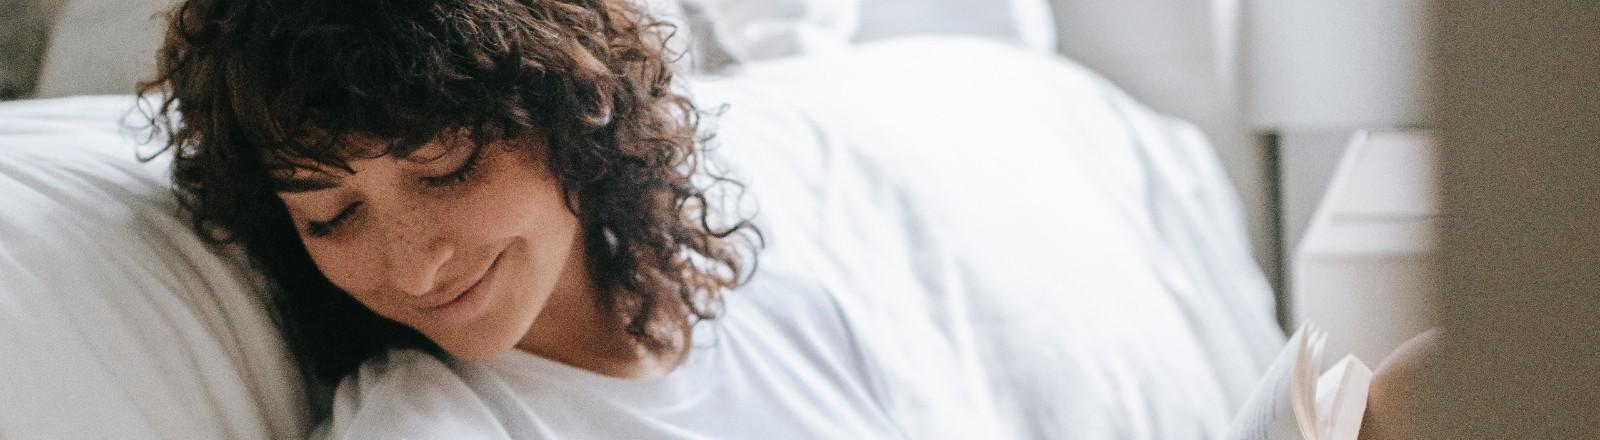 Eine Frau lehnt an ein Bett und lächelt